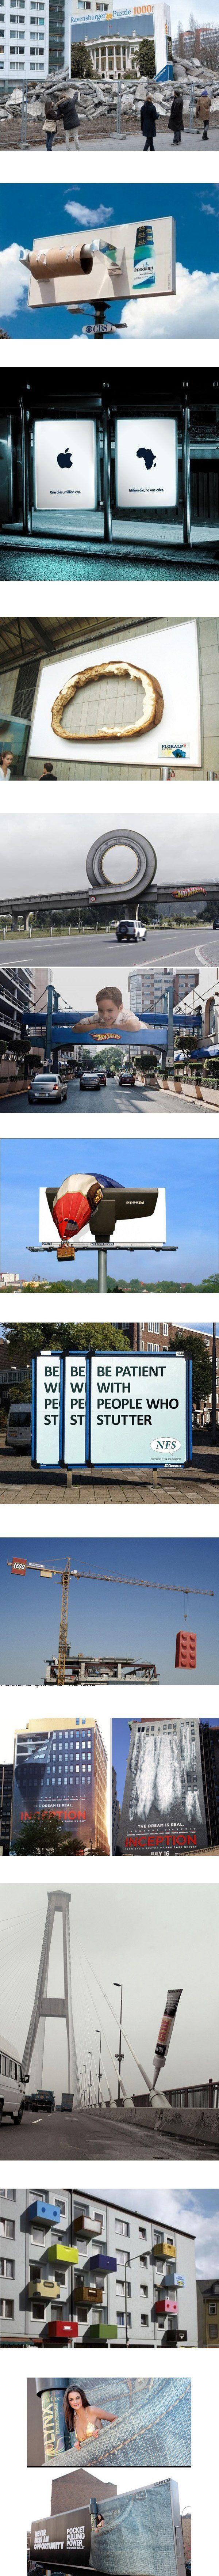 Twelve Funny Street Commercials